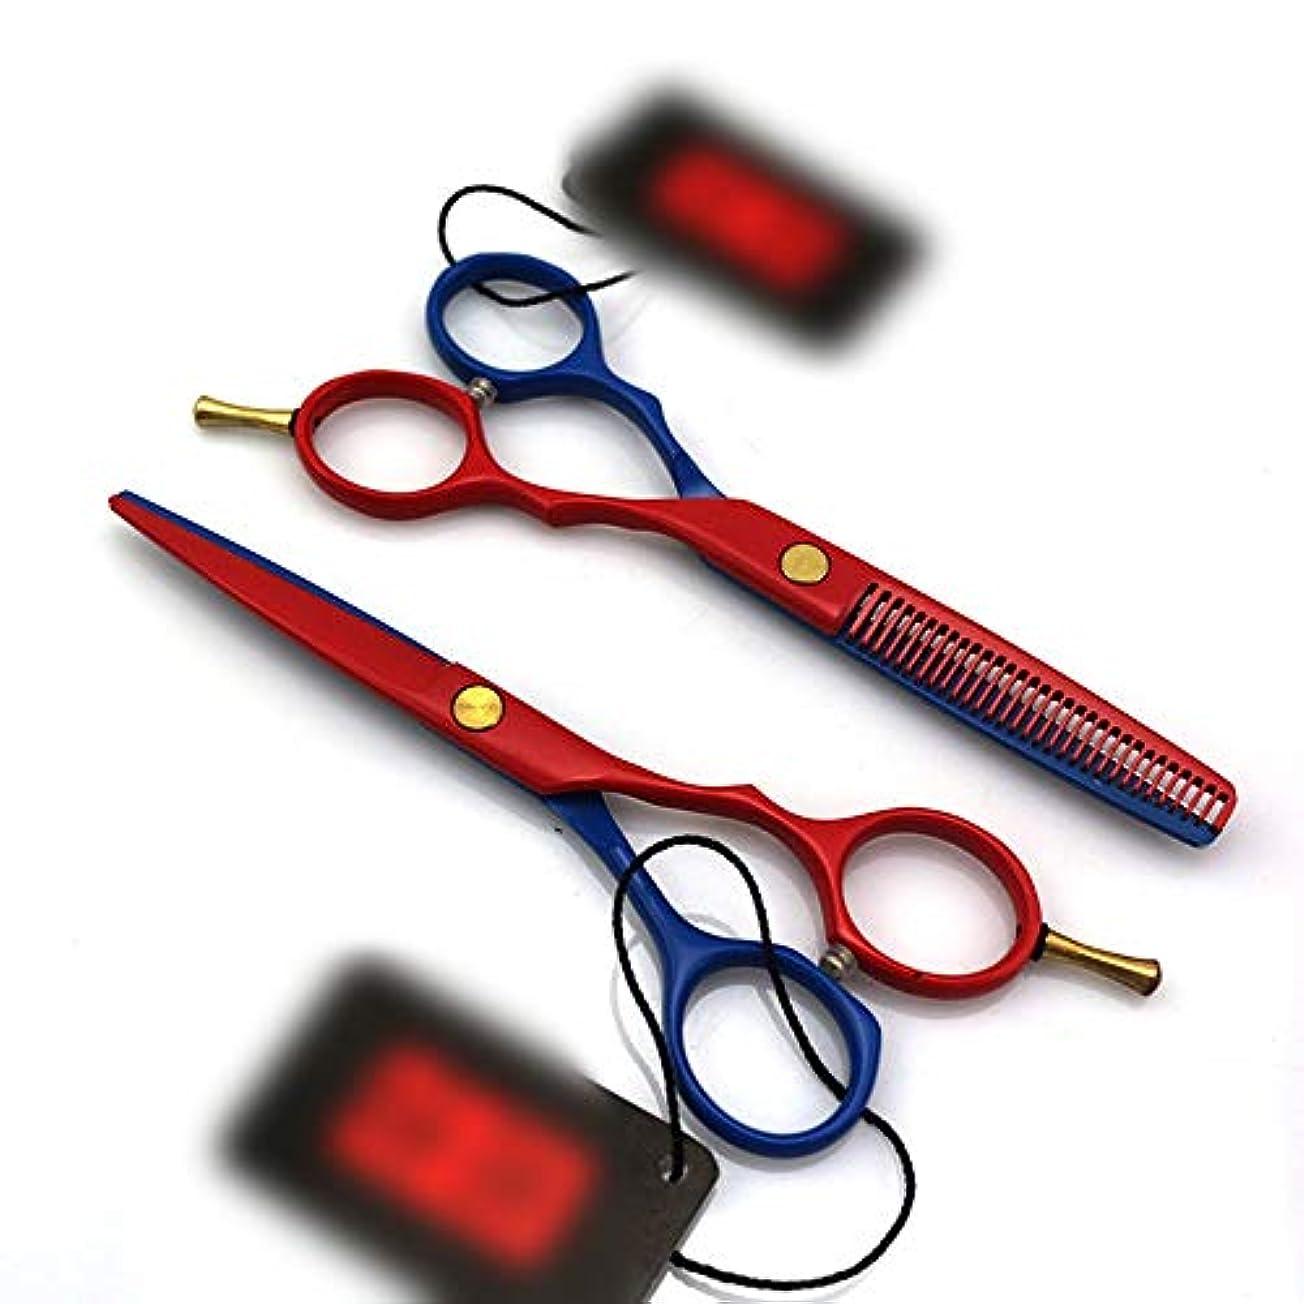 仕出します半球終わりWASAIO 理髪はさみプロフェッショナル理容サロンレイザーエッジツール髪のクリッピング間伐歯のはさみセットのテクスチャーシザー5.5インチSavourless +トゥース (色 : Red and blue)